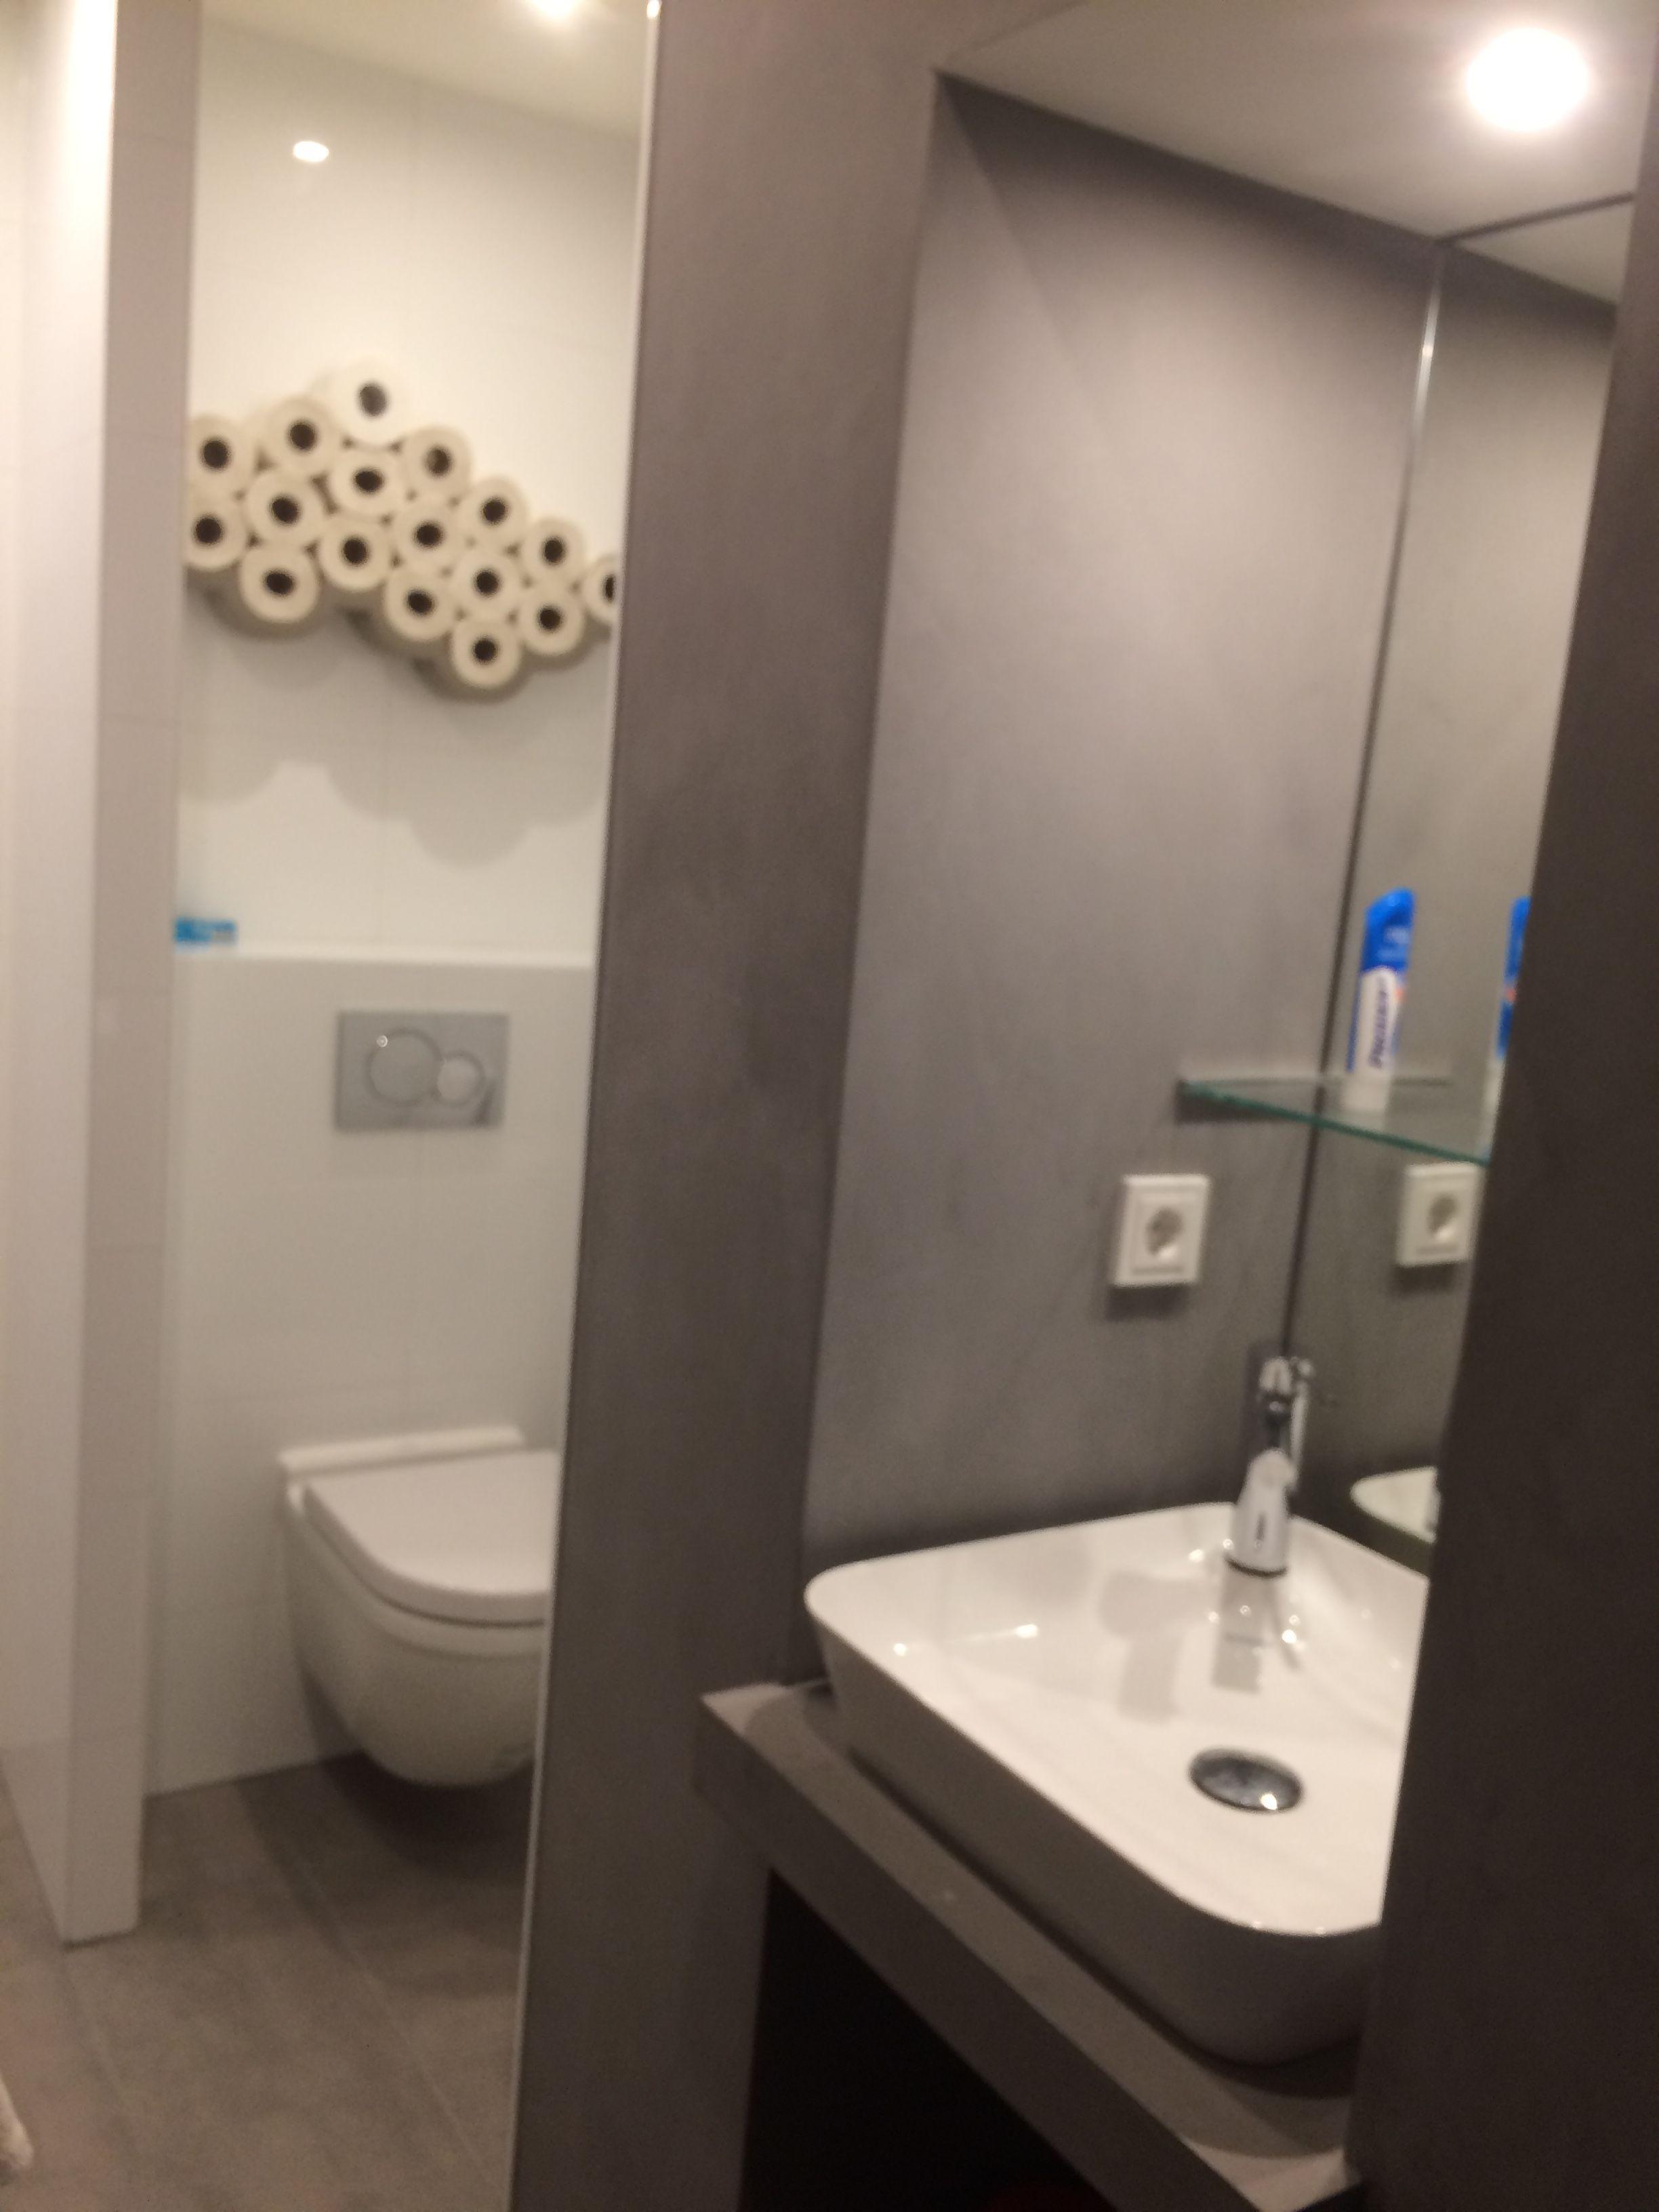 5 m2 (douche-toilet-wastafel-wasdroger | Plaatsen om te bezoeken ...